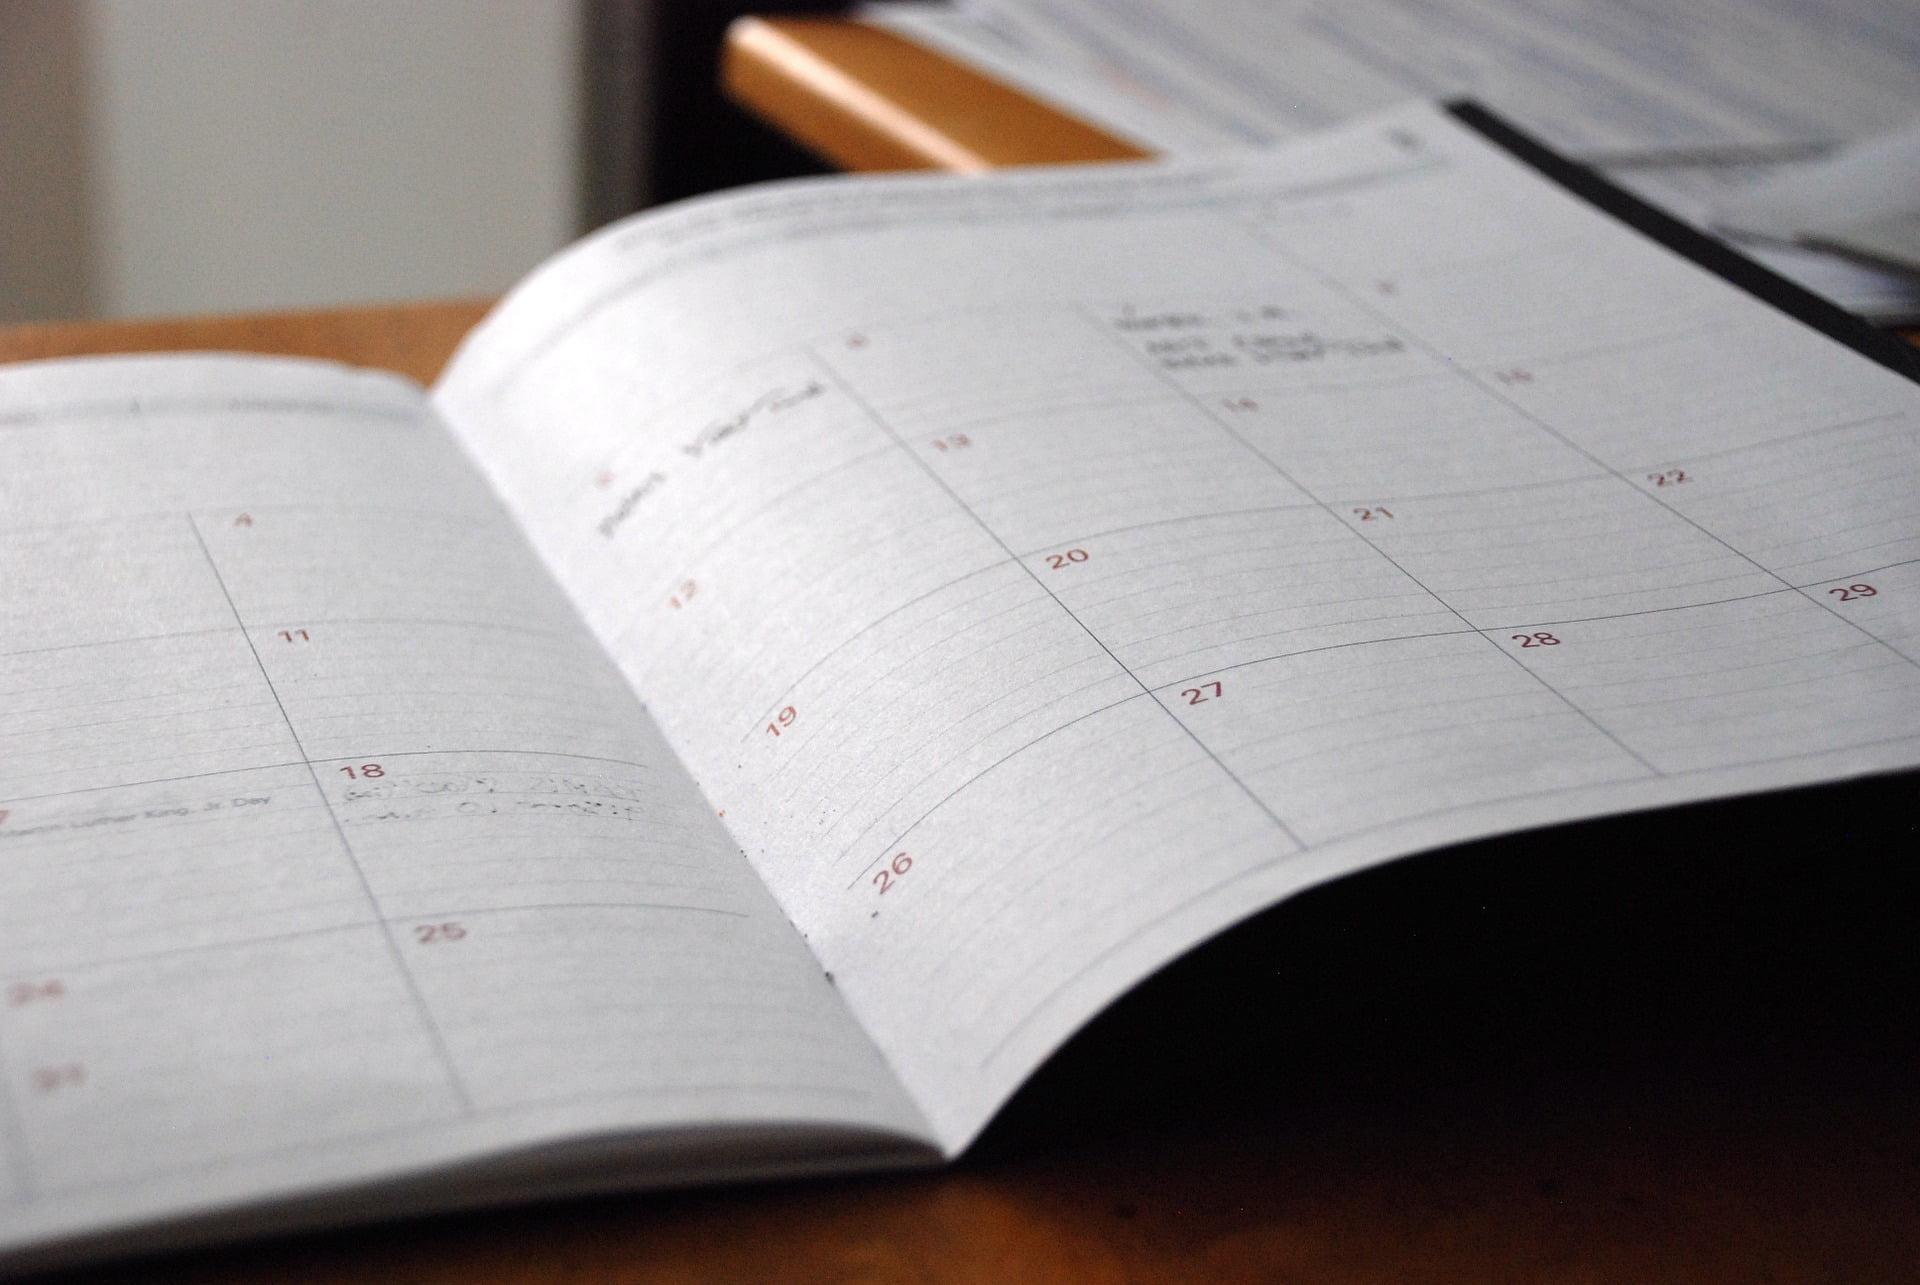 Spiraljenje koledarjev, tisk majic, novoletni program, koledarji, tisk na majice, tampotisk, sitotisk, potisk poslovnih daril, poslovna darila, D-design 105